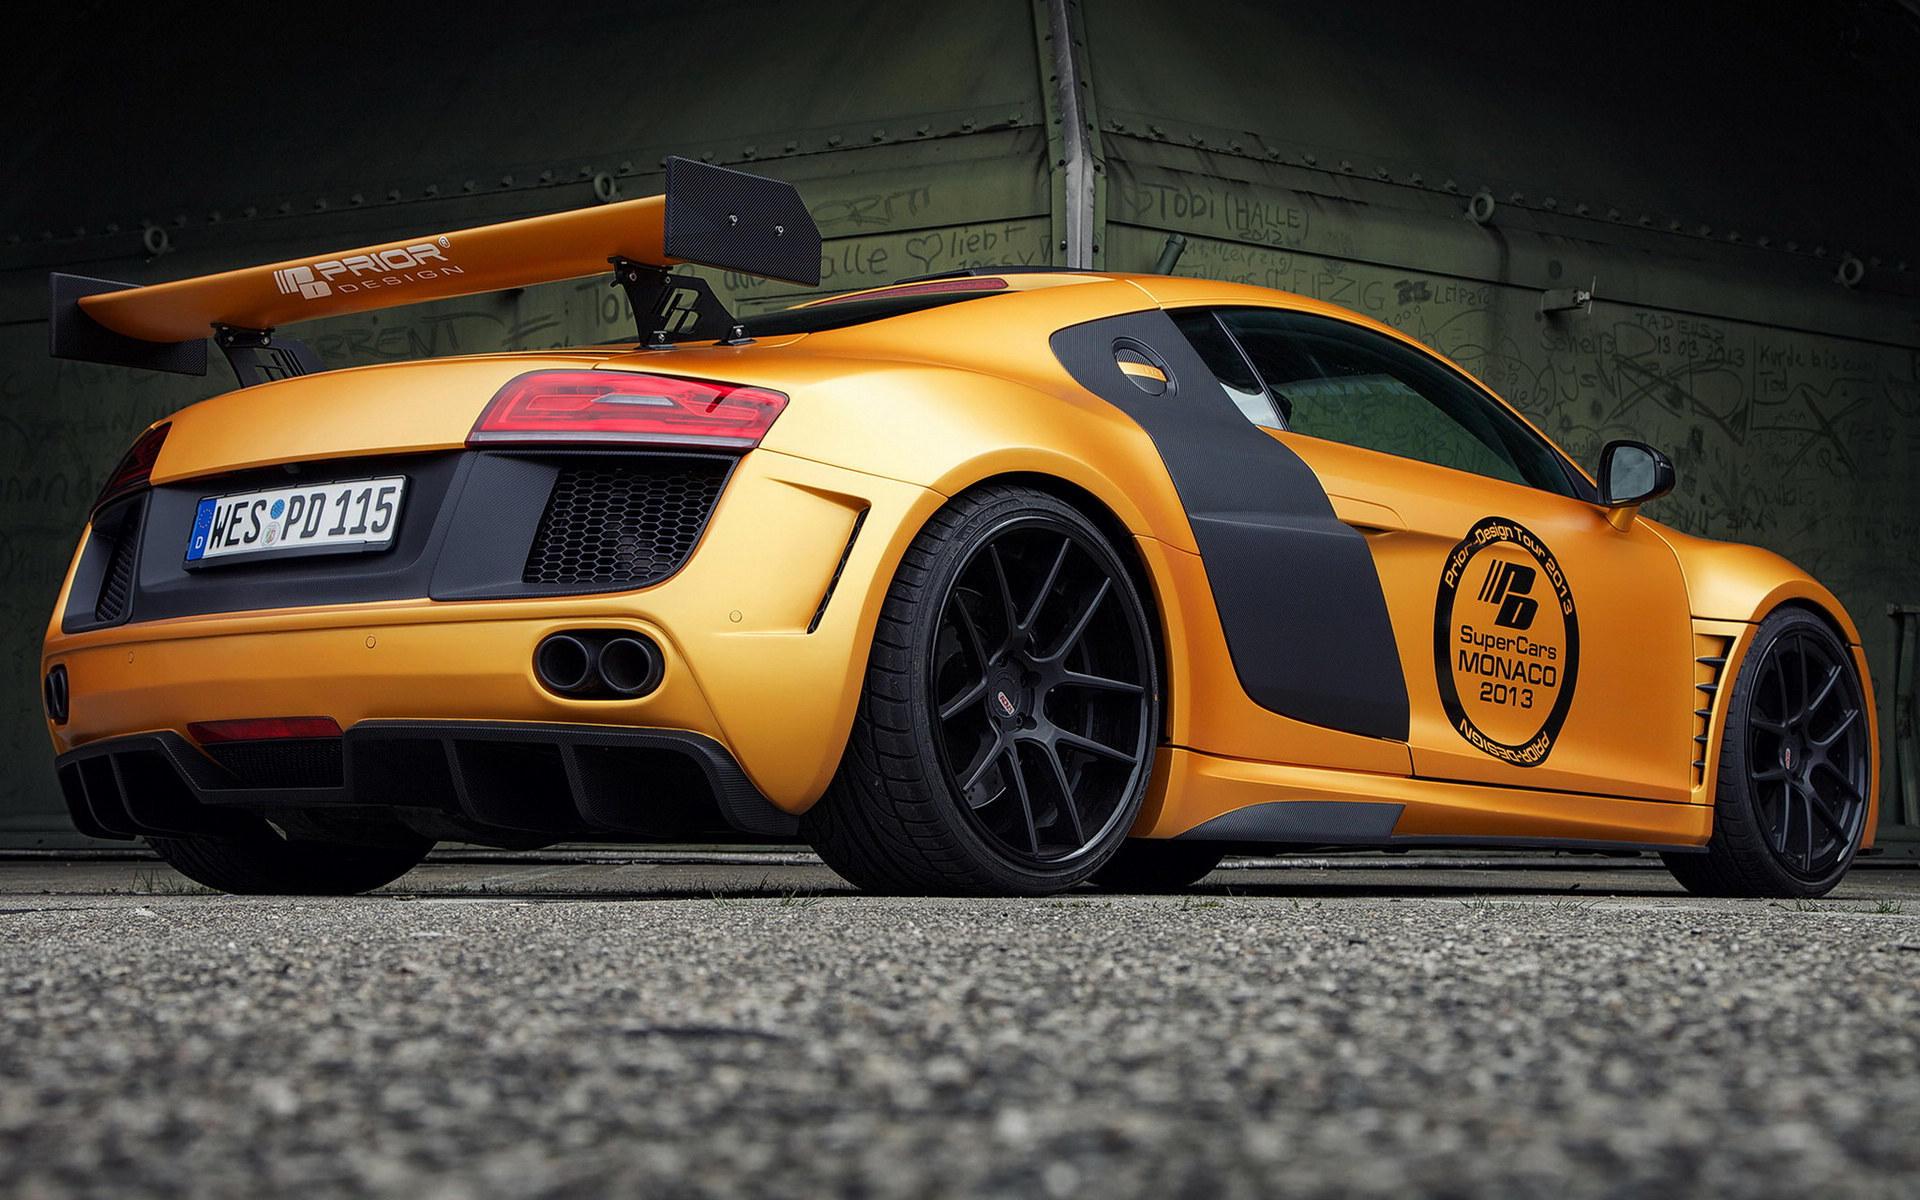 奥迪R8 GT850超级跑车高清桌面壁纸高清图片